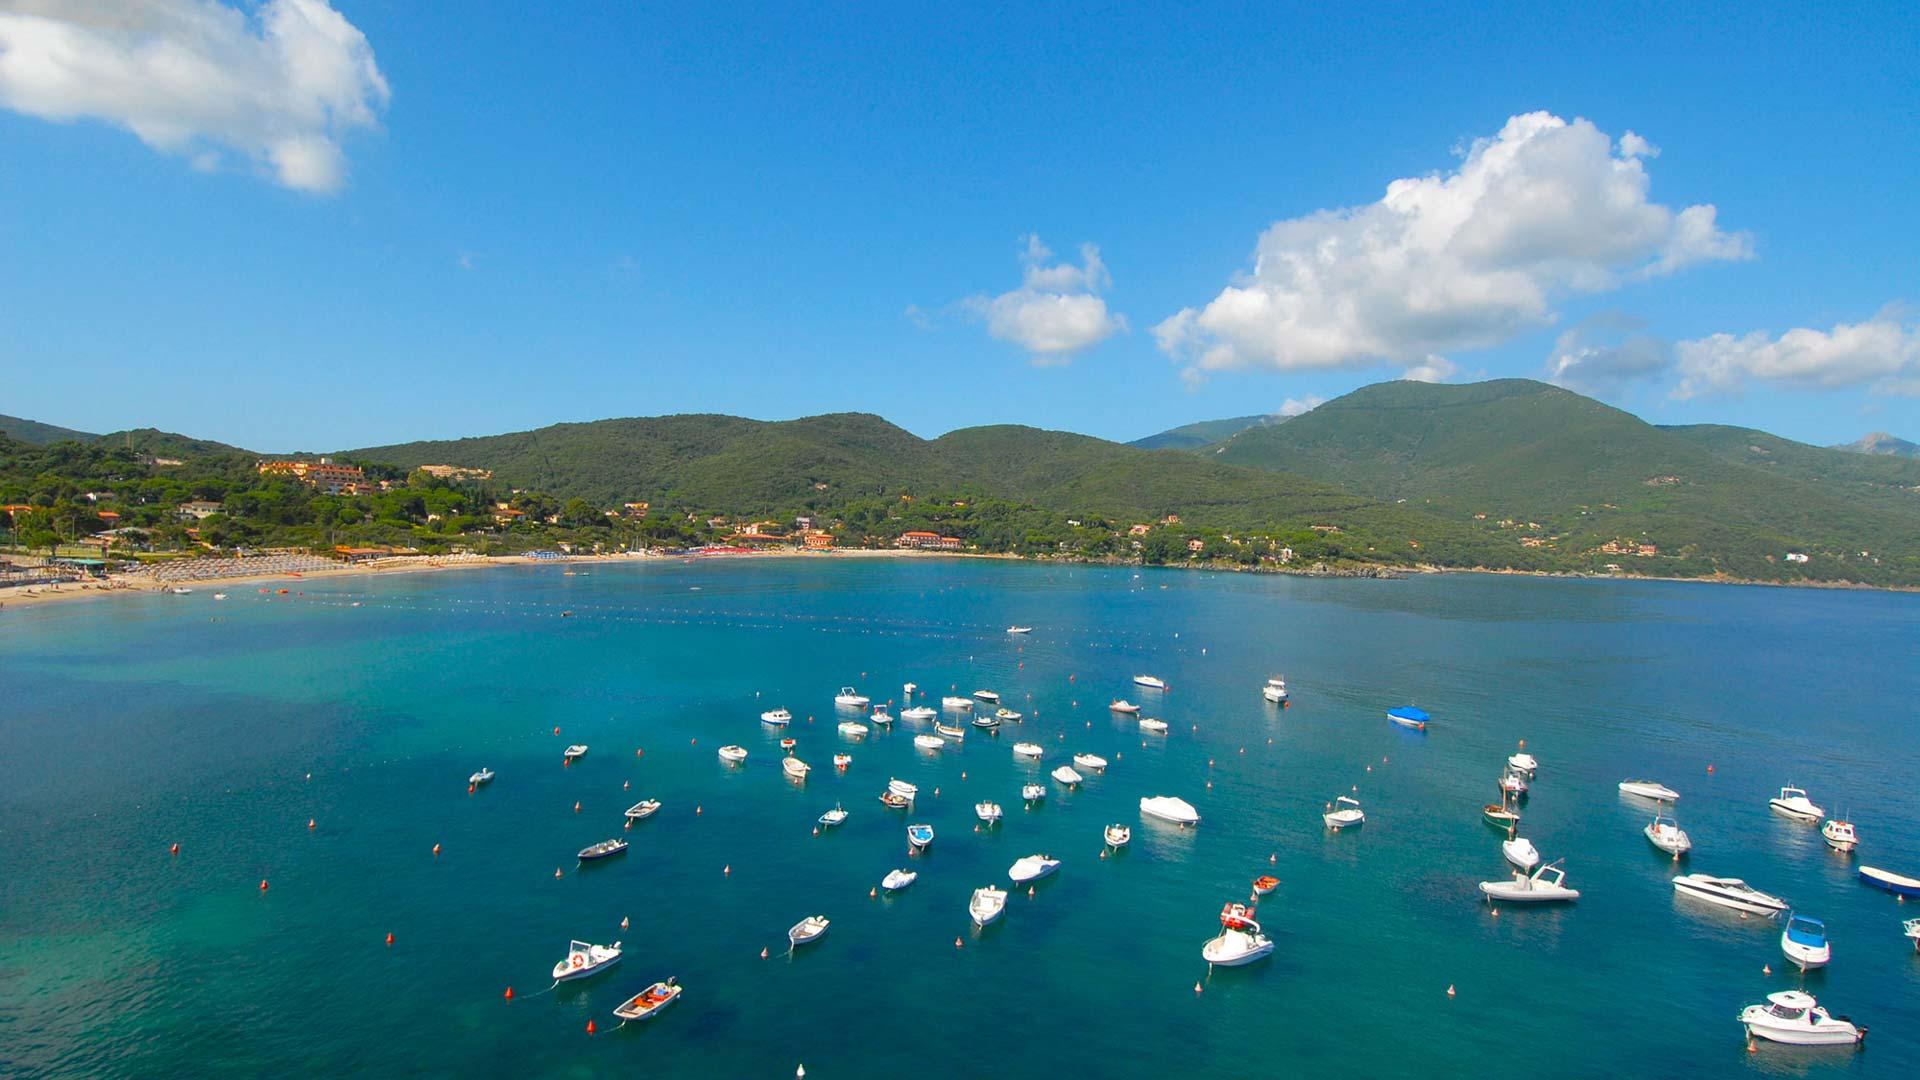 Hotel La Perla del Golfo: uno scorcio sull'Isola d'Elba tra natura e relax